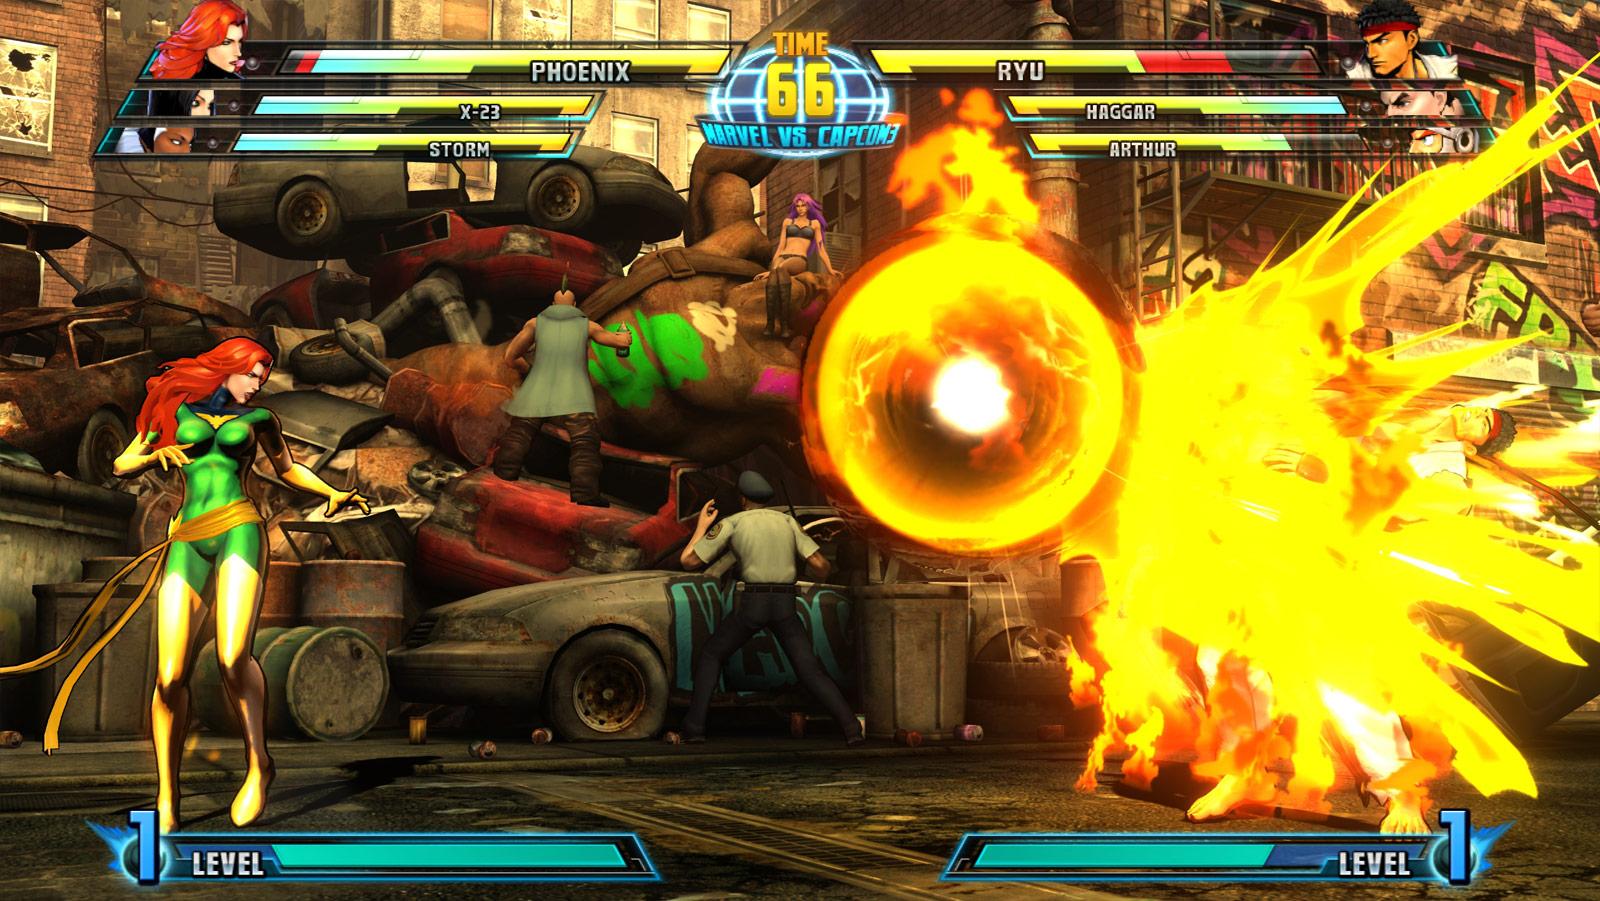 Phoenix and Haggar screen shots for Marvel vs. Capcom 3 #10